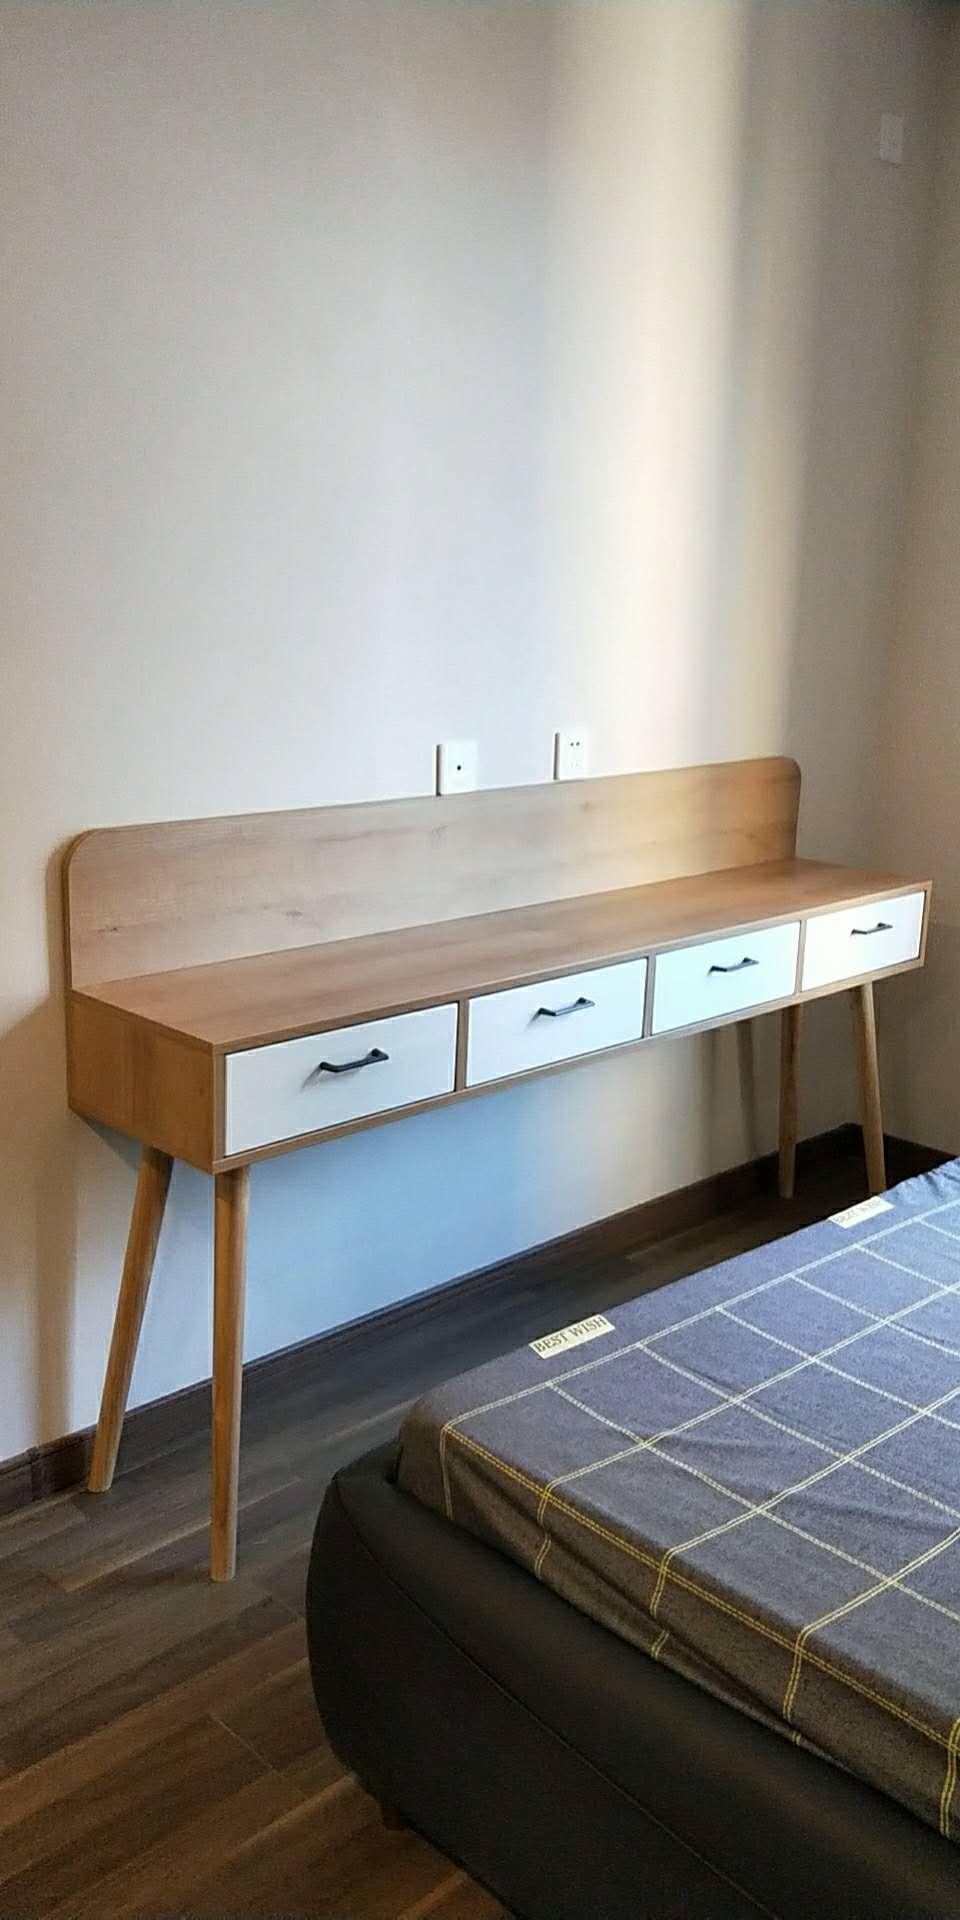 福吉星书桌,福吉星梳妆台